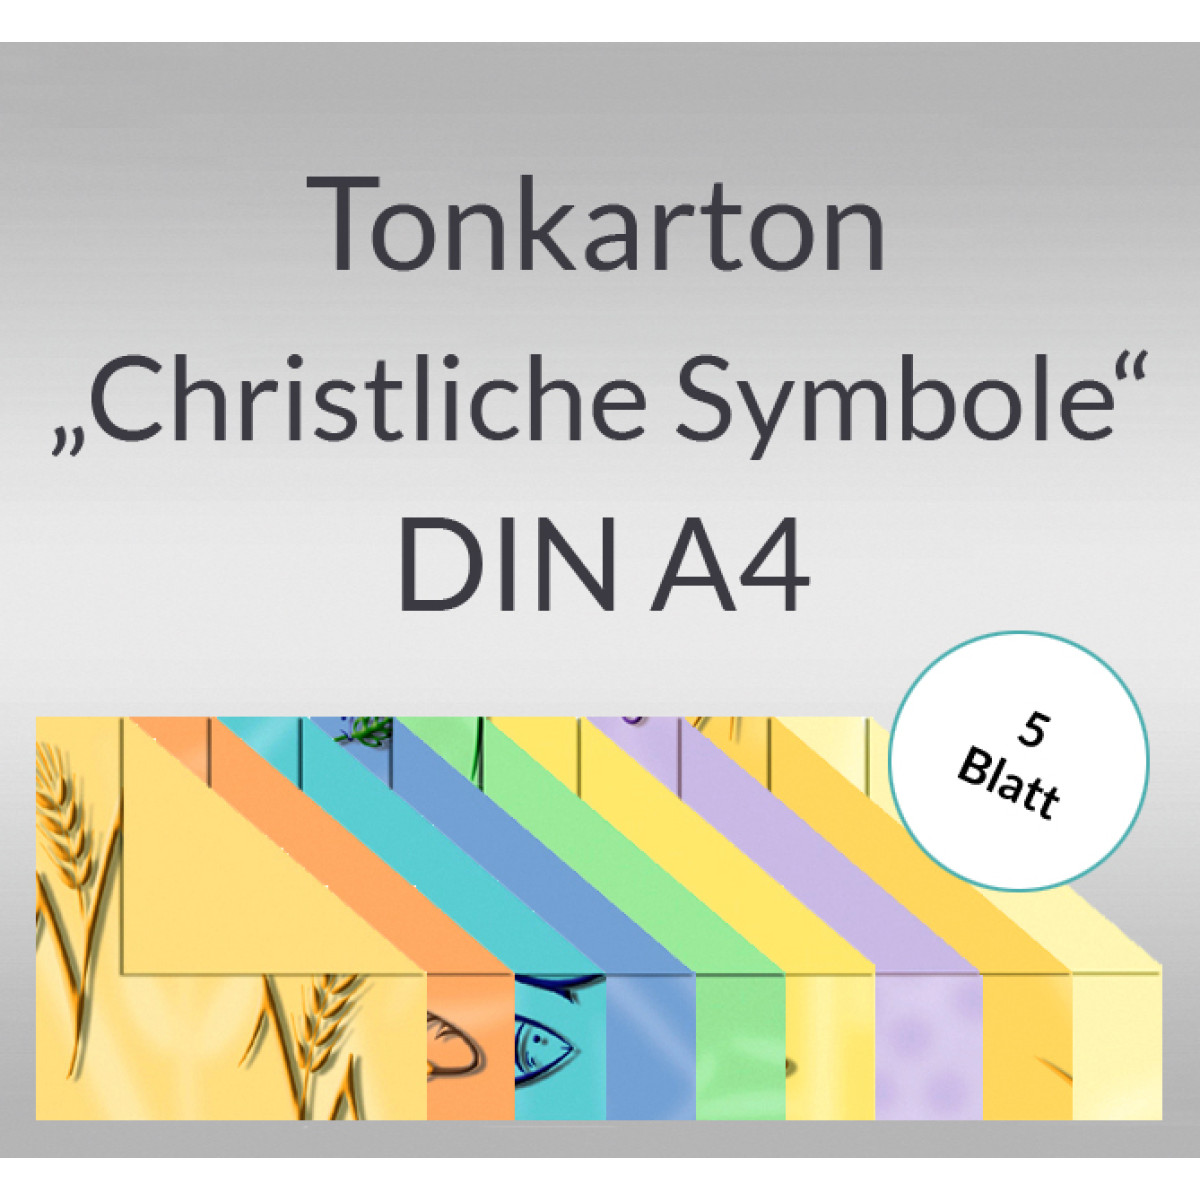 """Tonkarton """"Christliche Symbole"""" DIN A4 - 5 Blatt"""